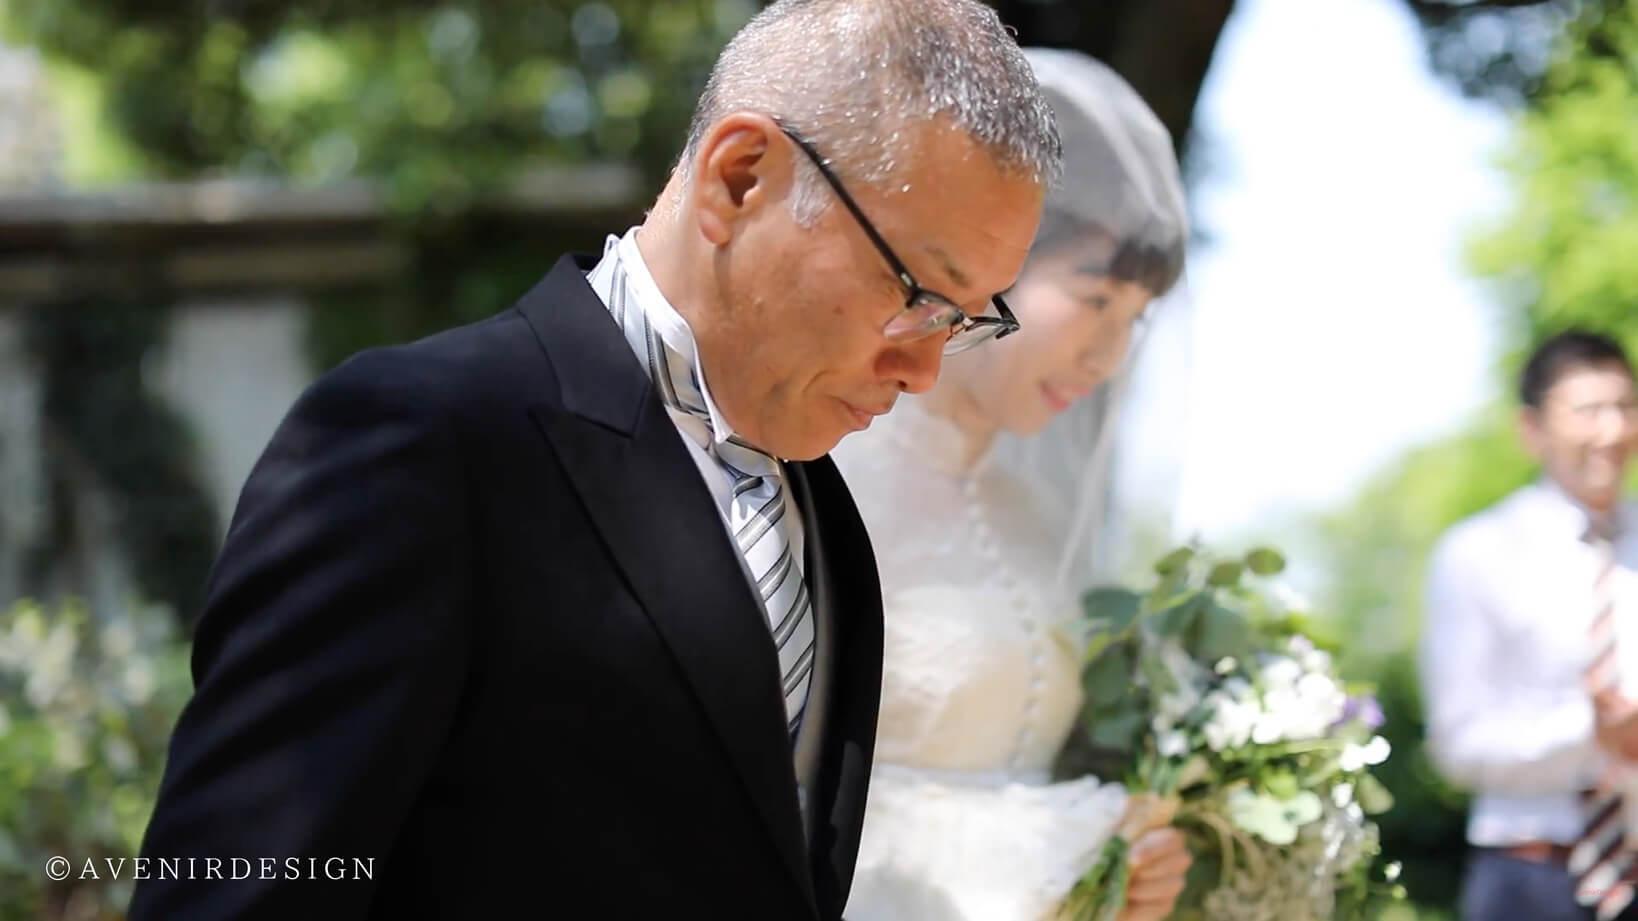 久留米の結婚式場で当日エンドロールを上映した時に感じた大切なこと